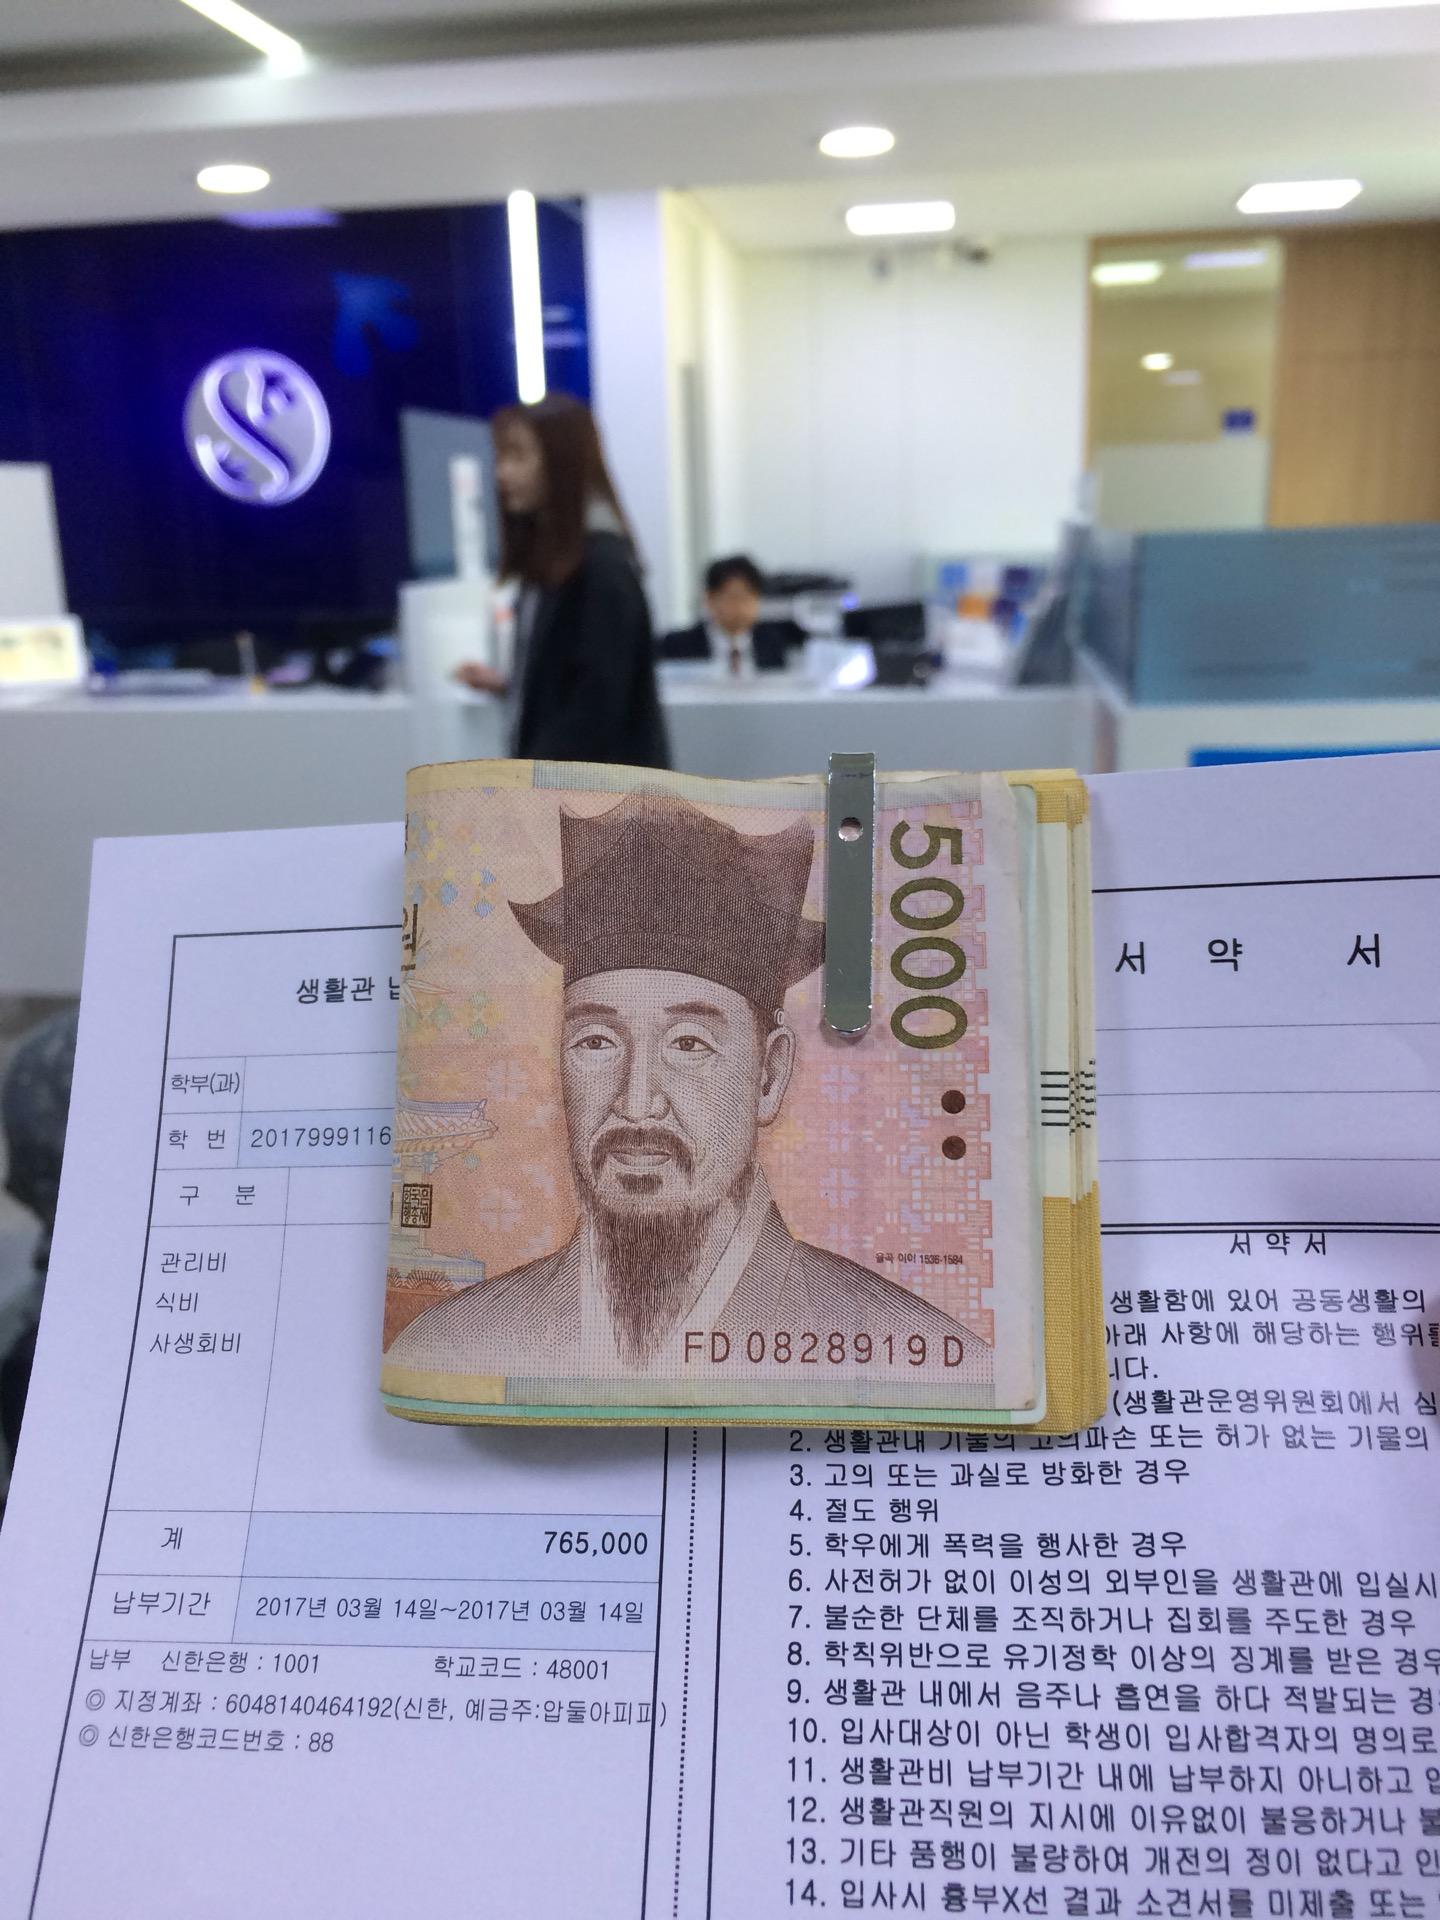 신한 은행 Shinhan Bank (Semyung University Branch) | Chungcheongbuk-do 제천 Semyung University, 579 Sinwoul-Dong | +82 1544-7200